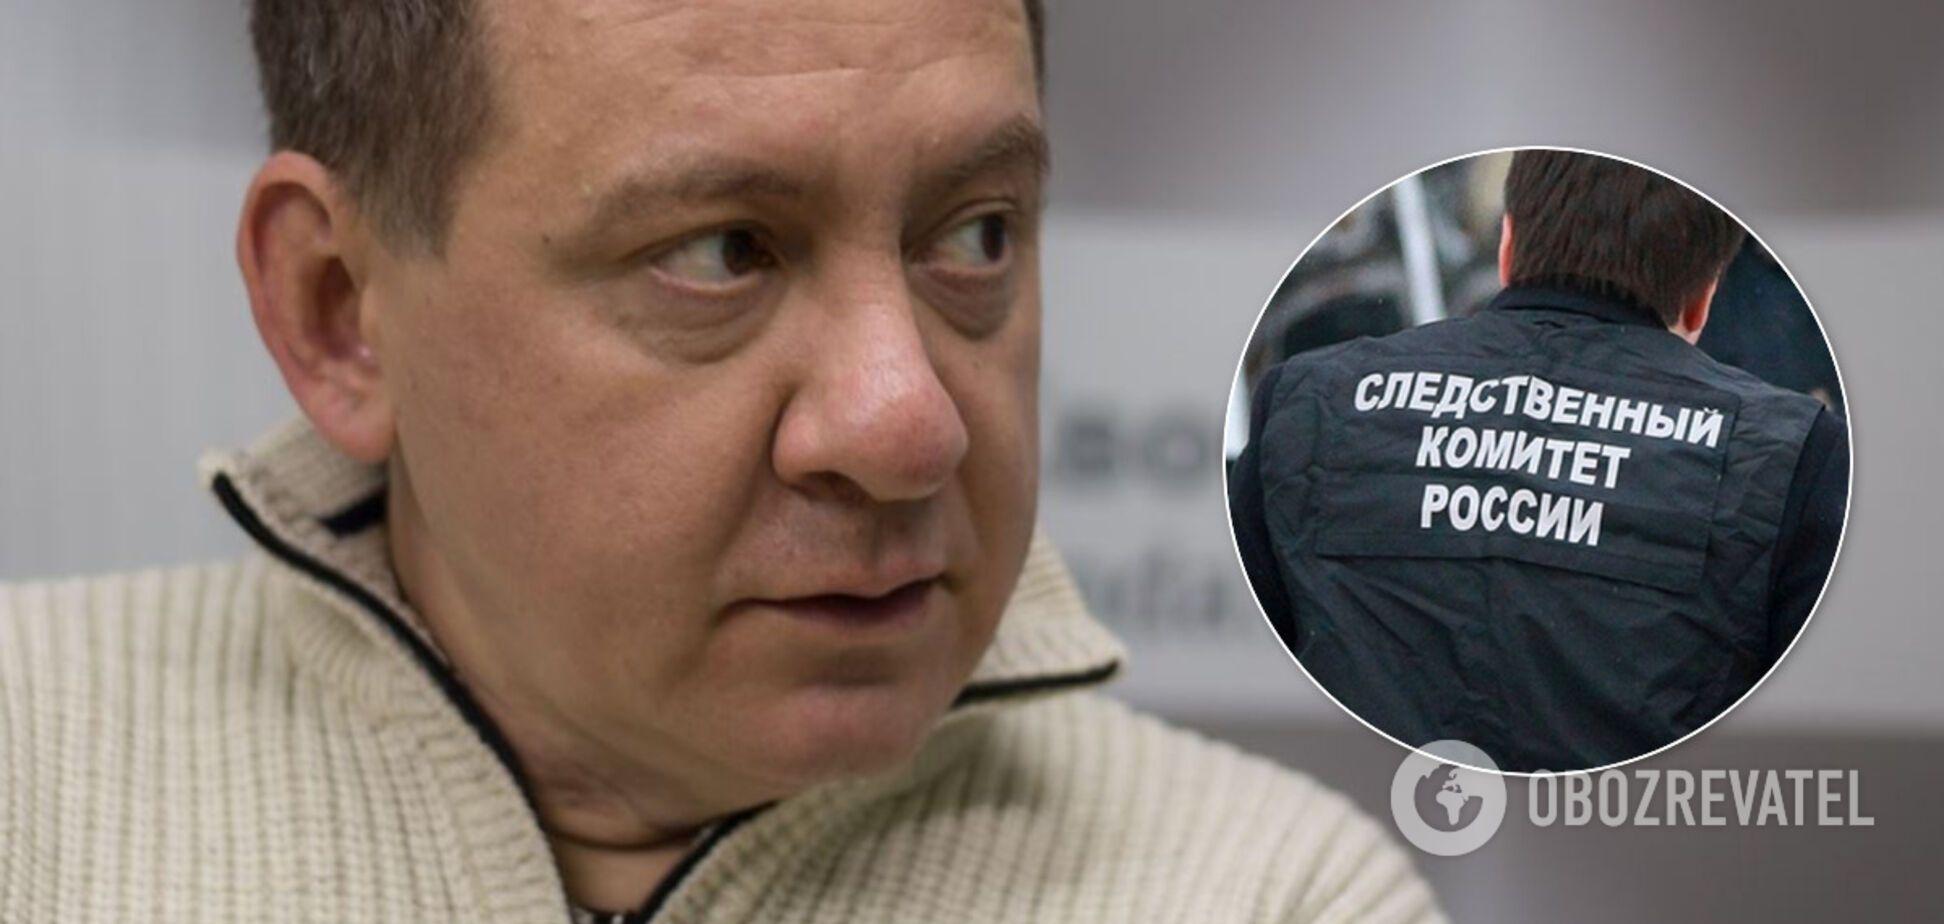 Айдера Муждабаева звинуватили в закликах до тероризму